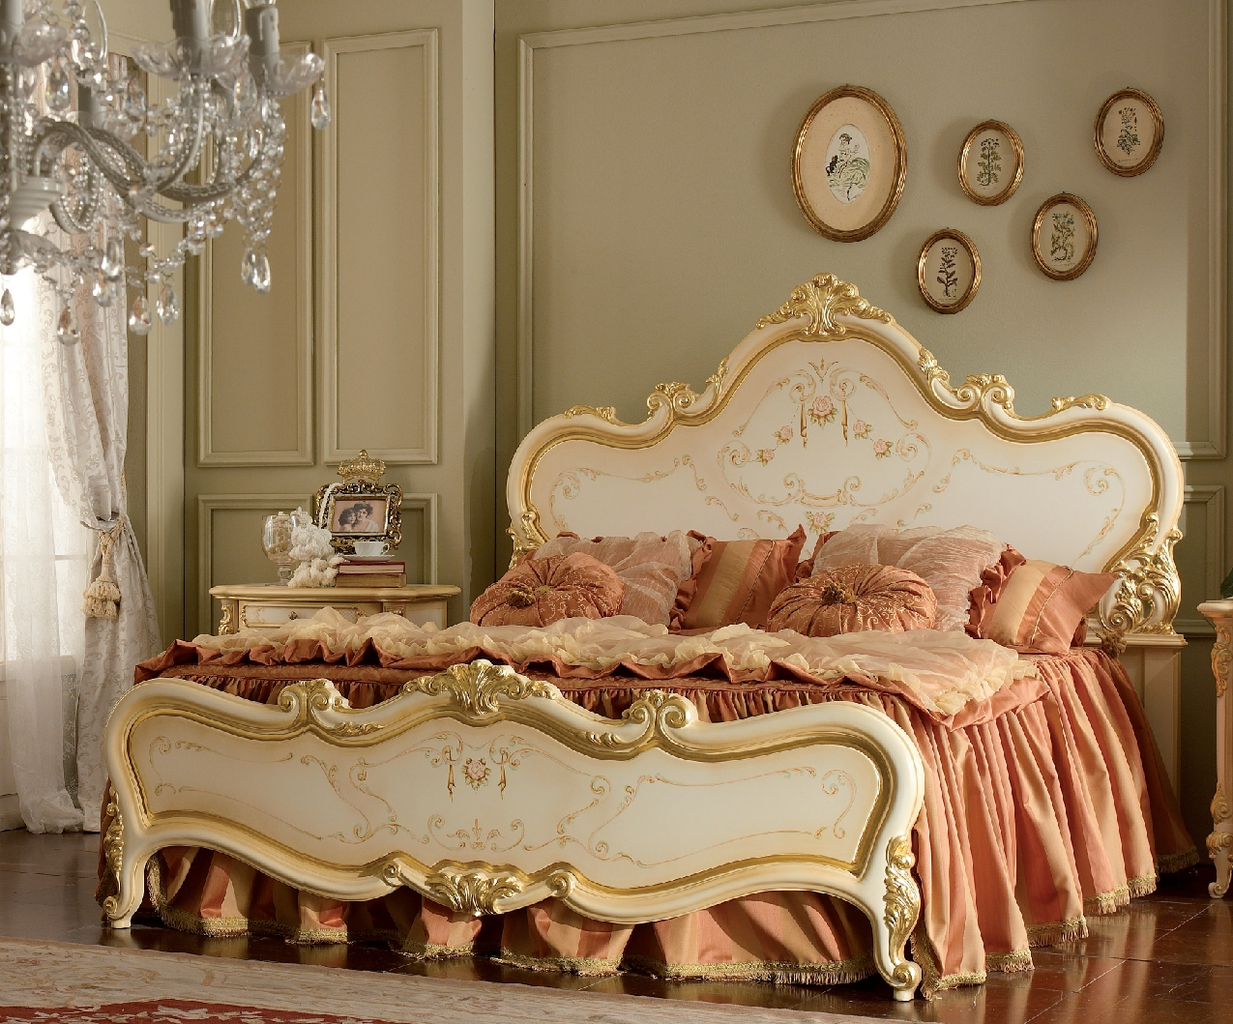 Резная кровать с позолотой